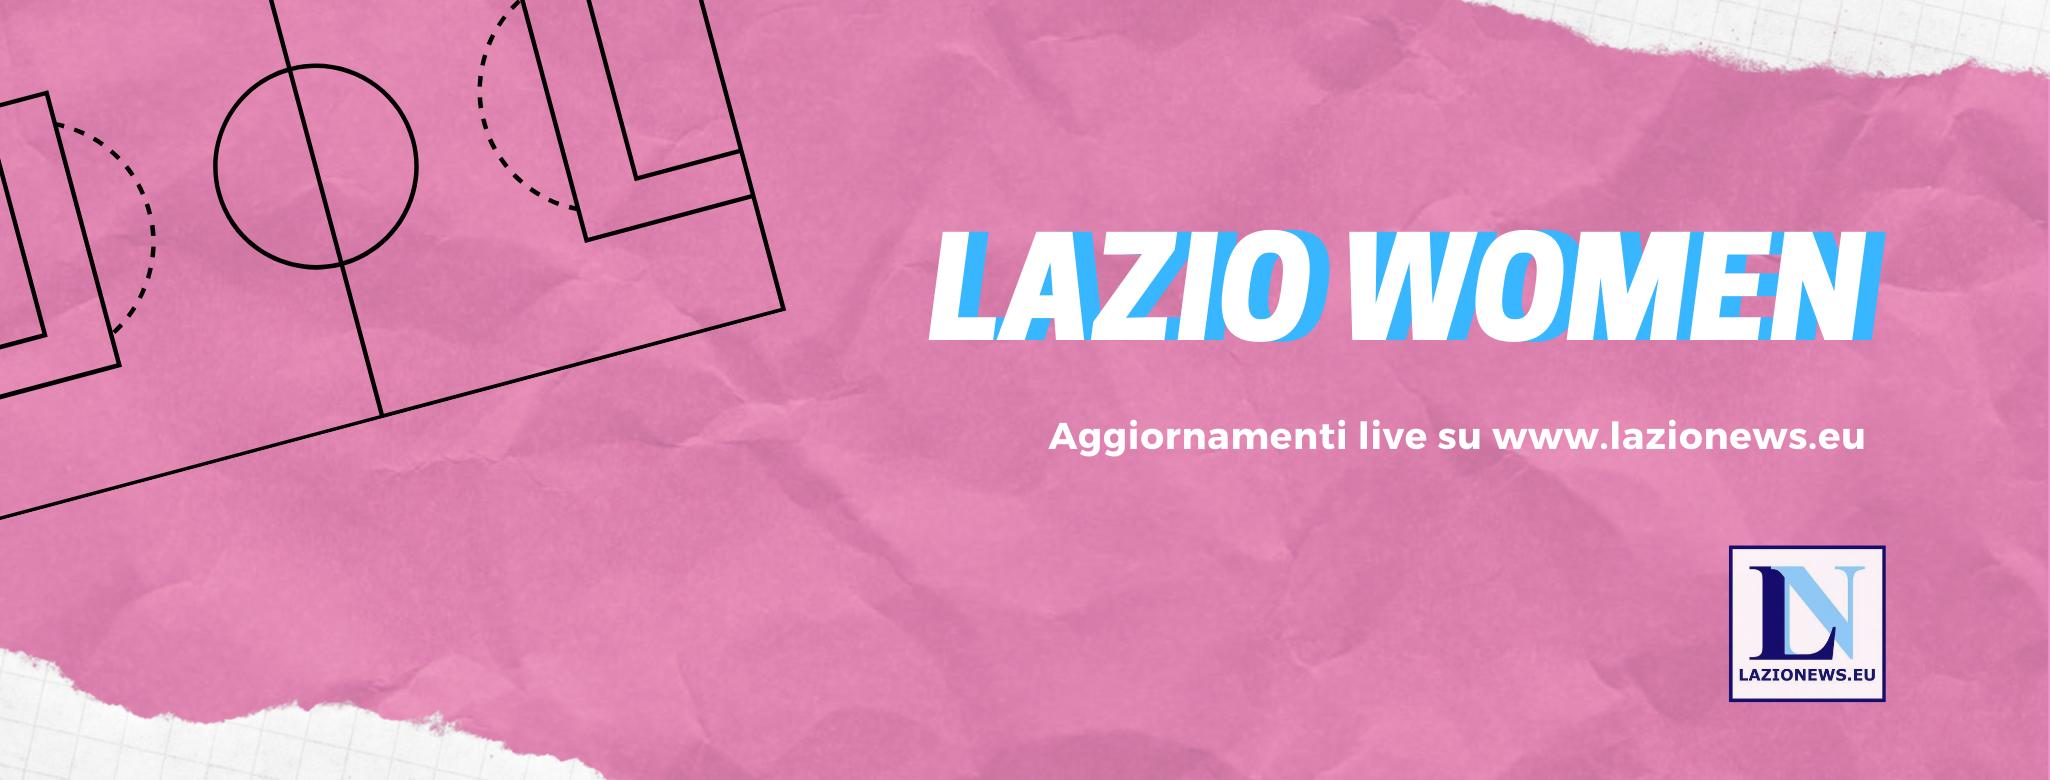 lazionews-lazio-woman-copertina-pagina